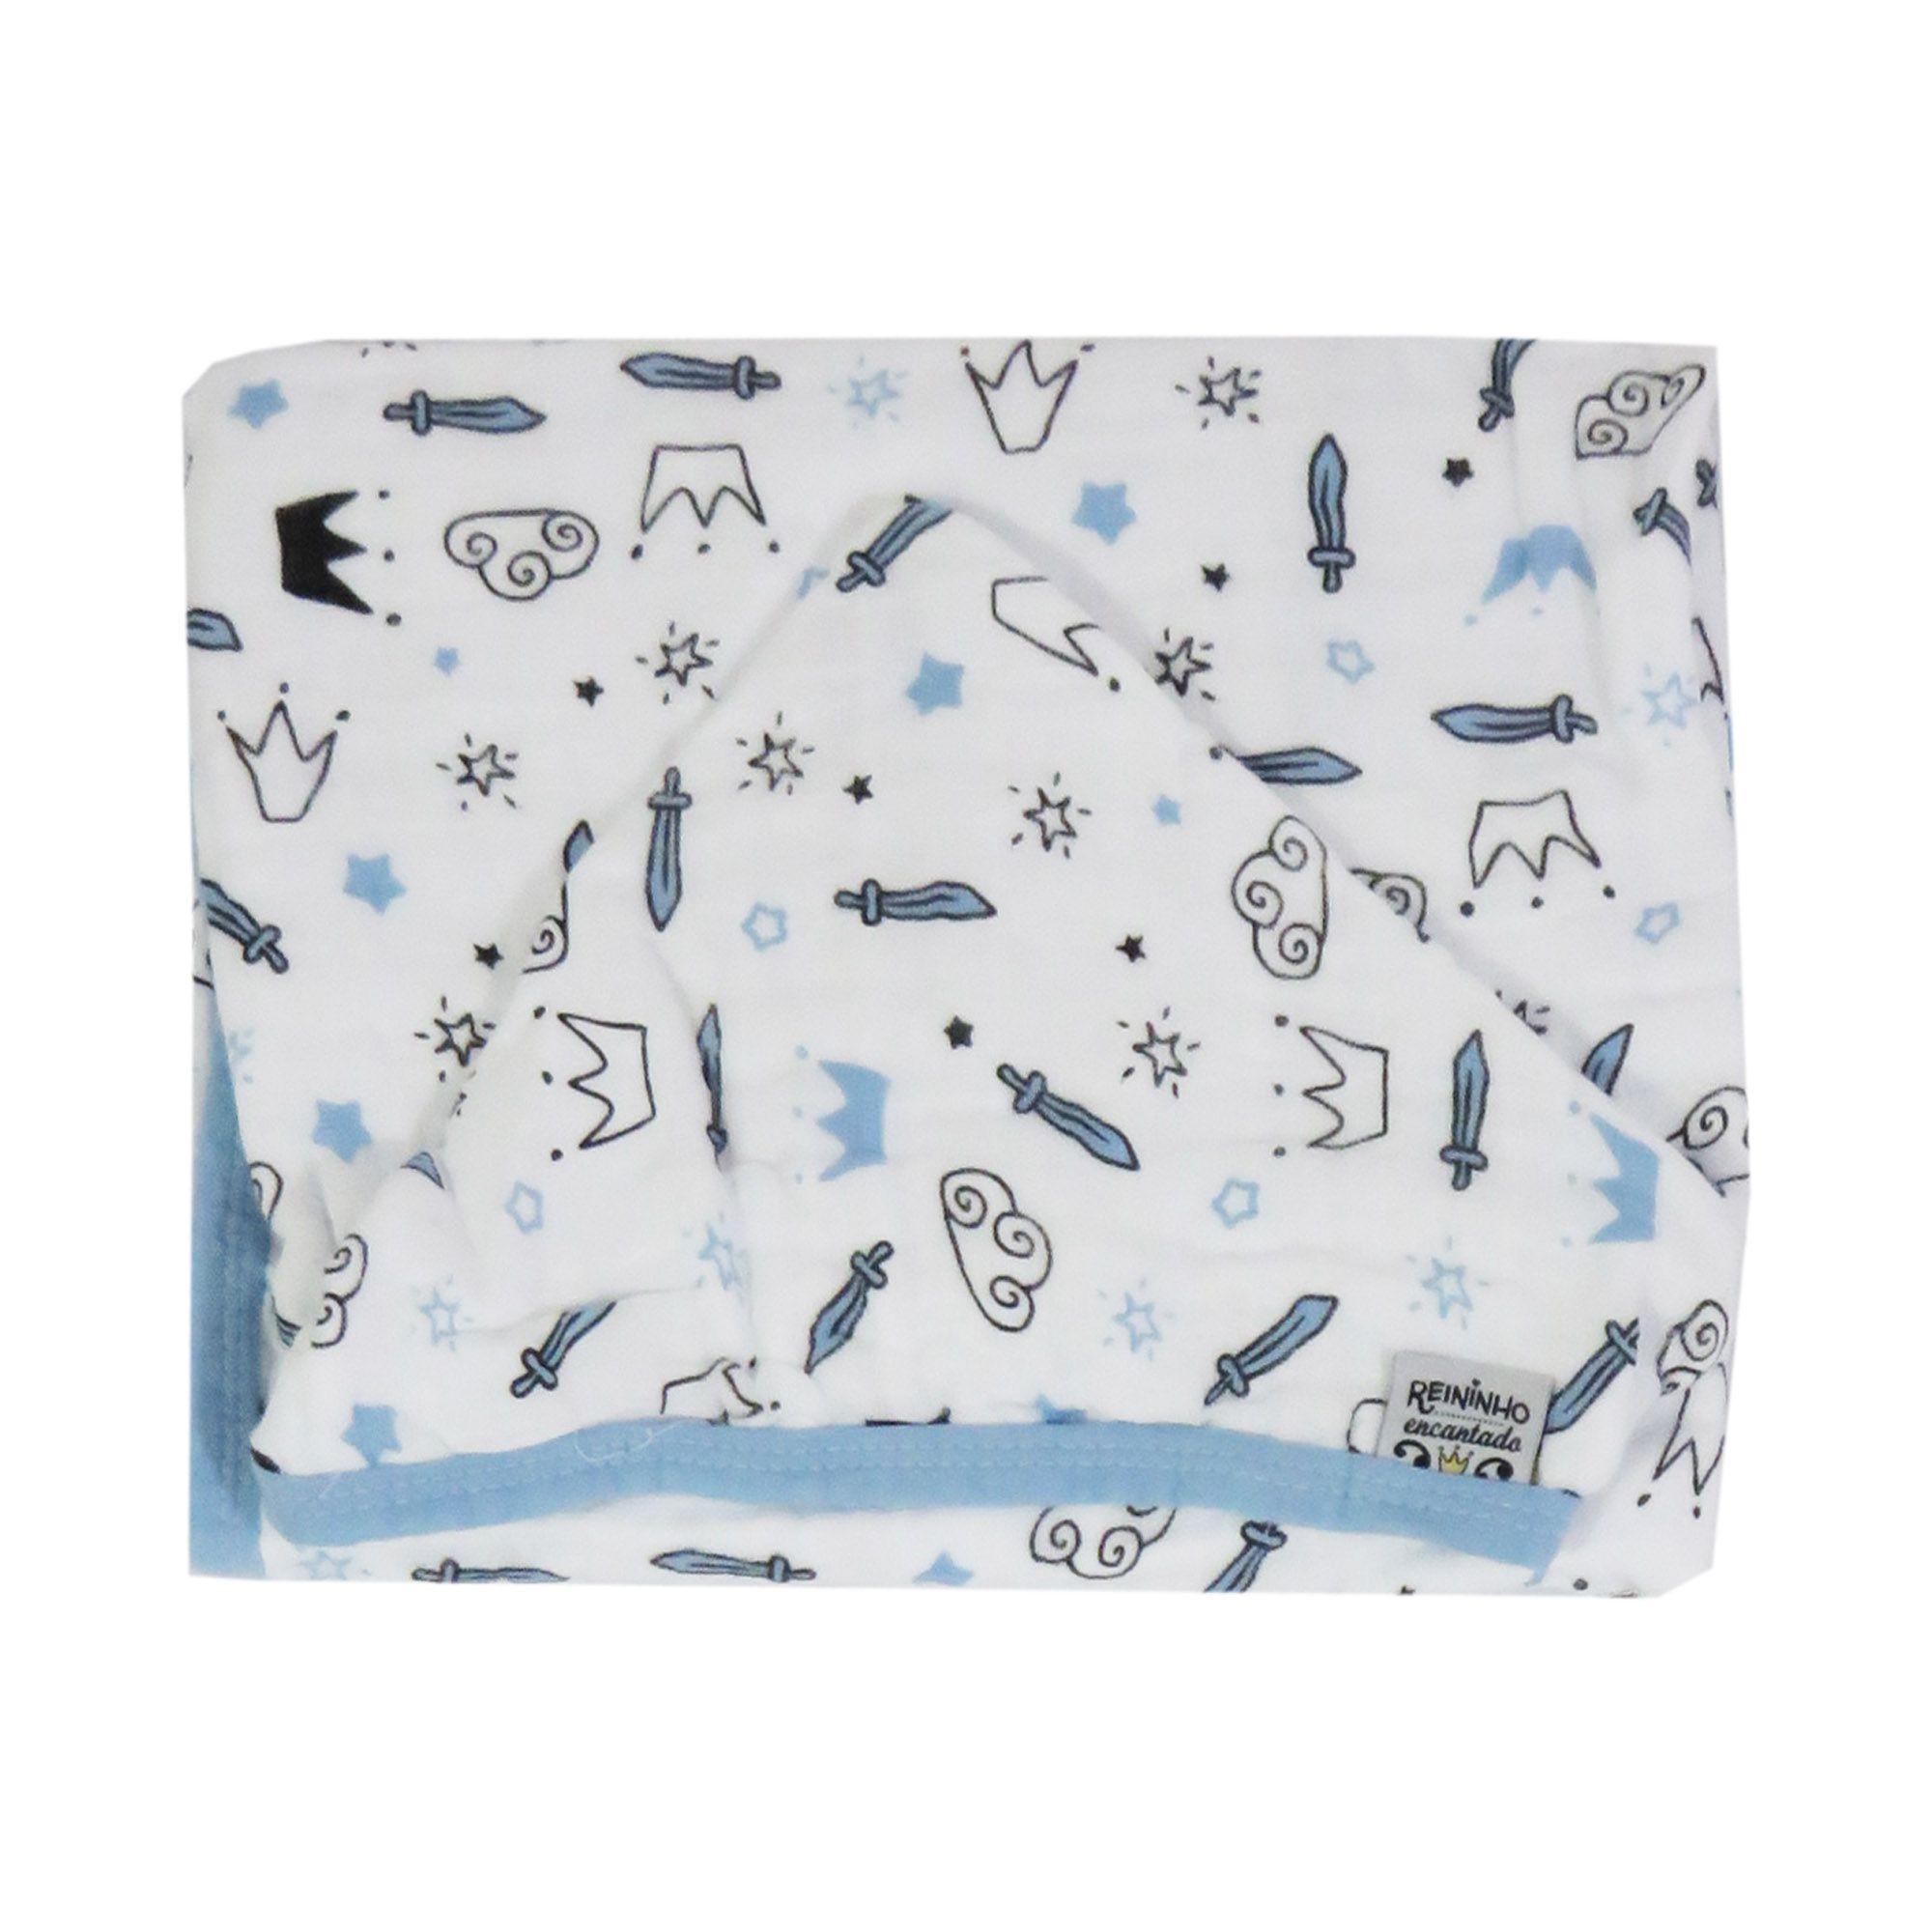 Toalha de banho com capuz Soft - Minasrey - Reininho Encantado - Azul